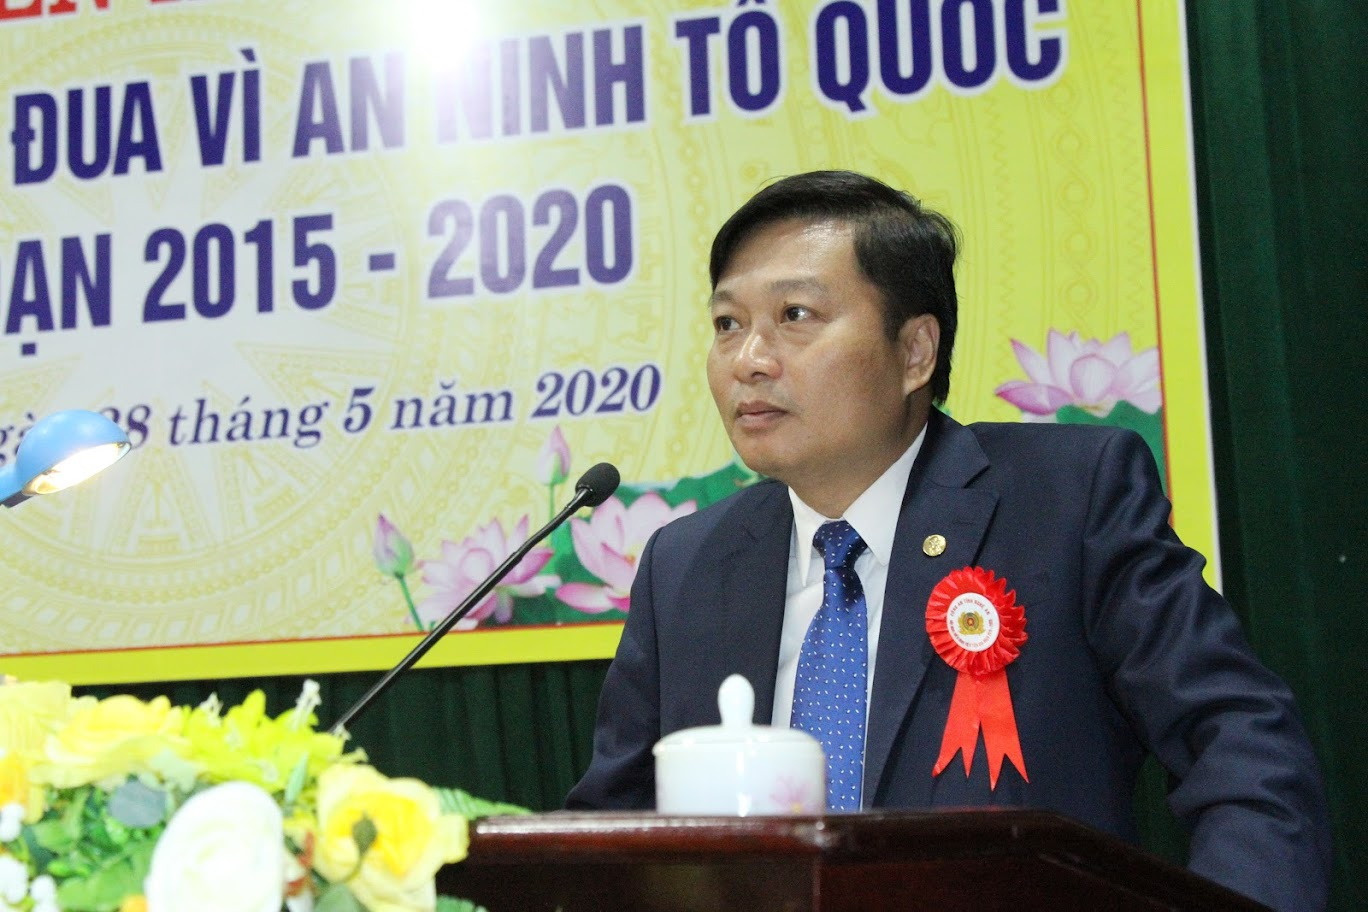 Đồng chí Lê Hồng Vinh, Ủy viên BTV Tỉnh ủy, Phó Chủ tịch thường trực UBND tỉnh phát biểu chỉ đạo tại Hội nghị